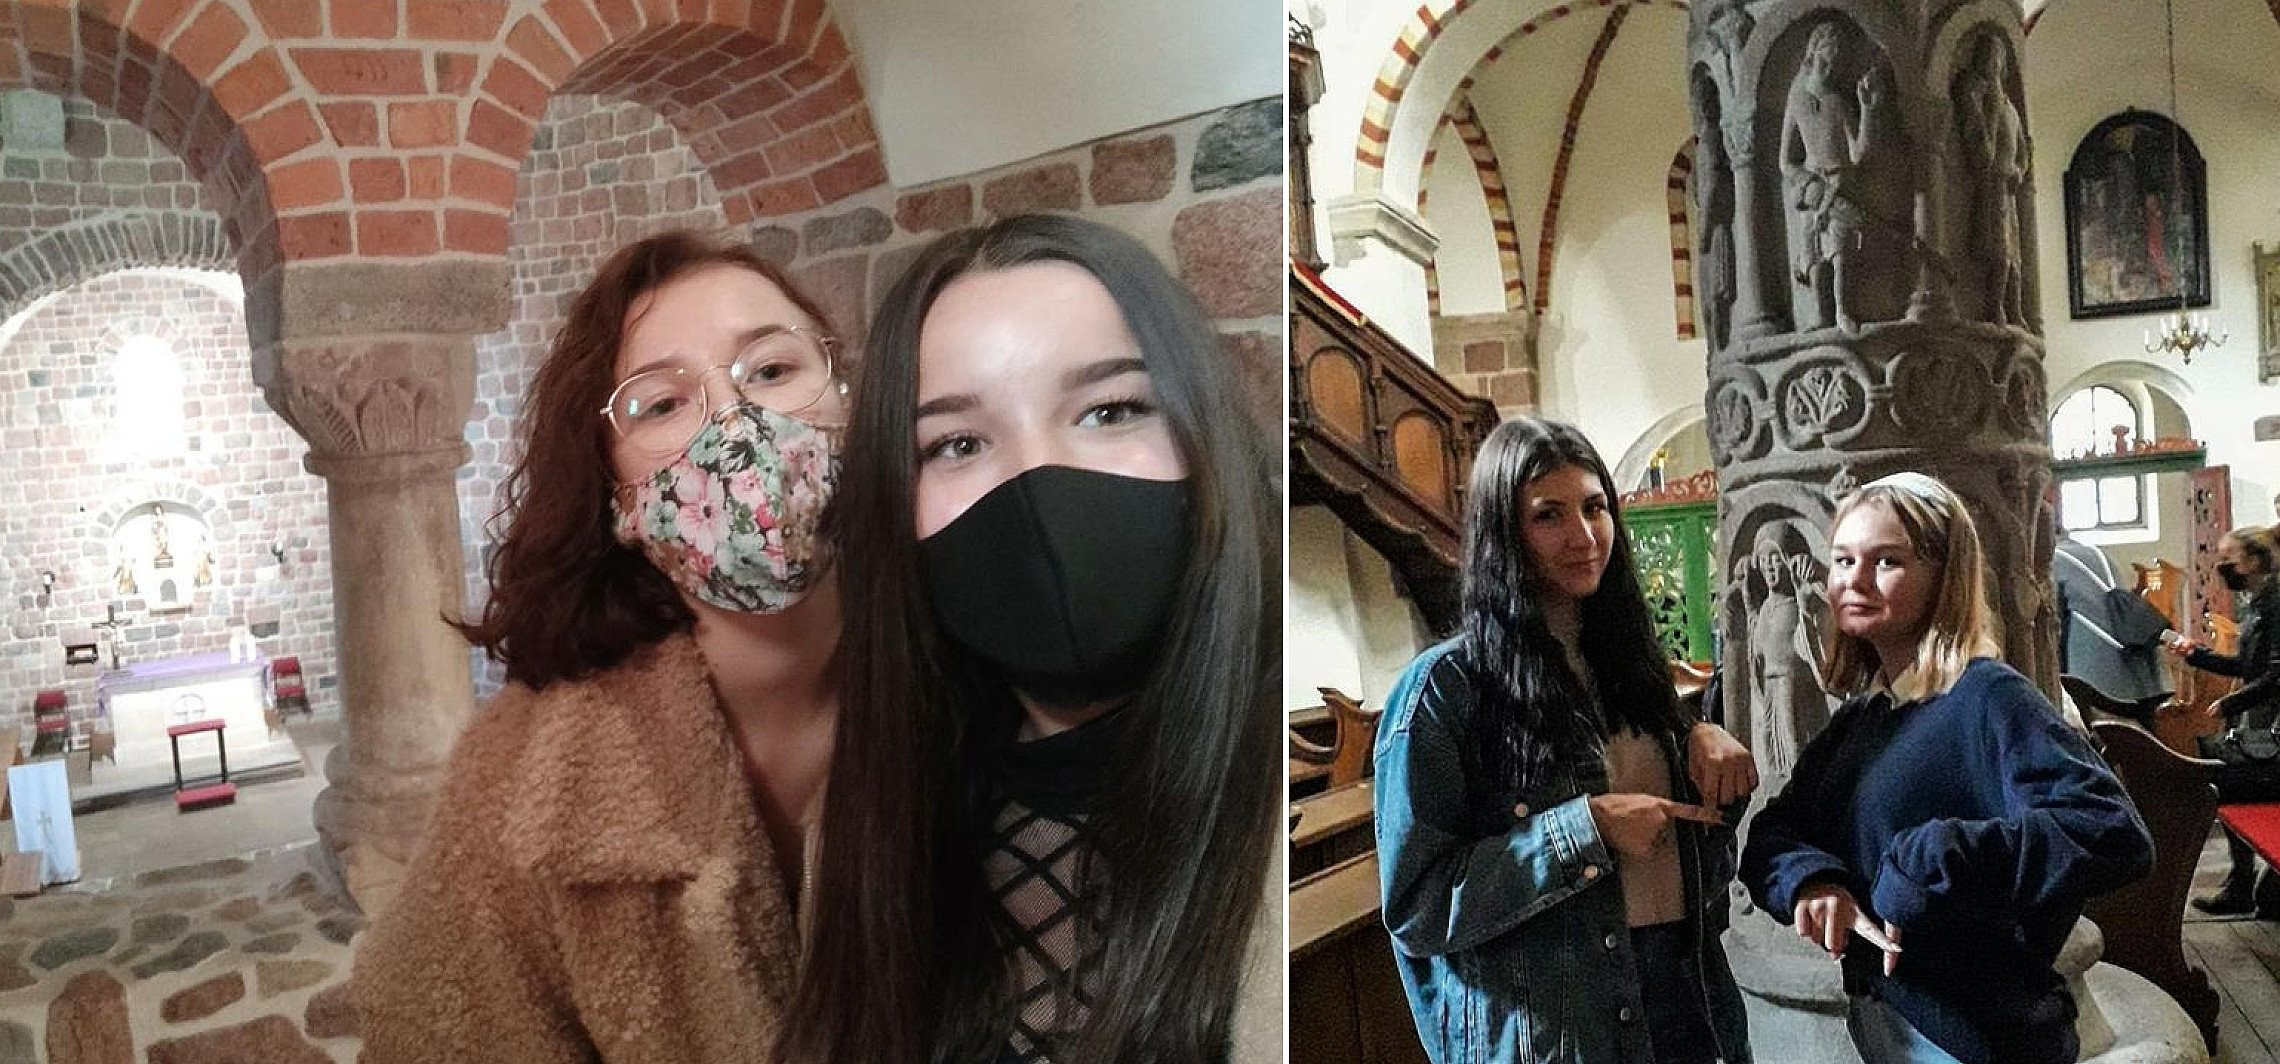 Inowrocław - Opuścili szkolne mury by poznawać sztukę